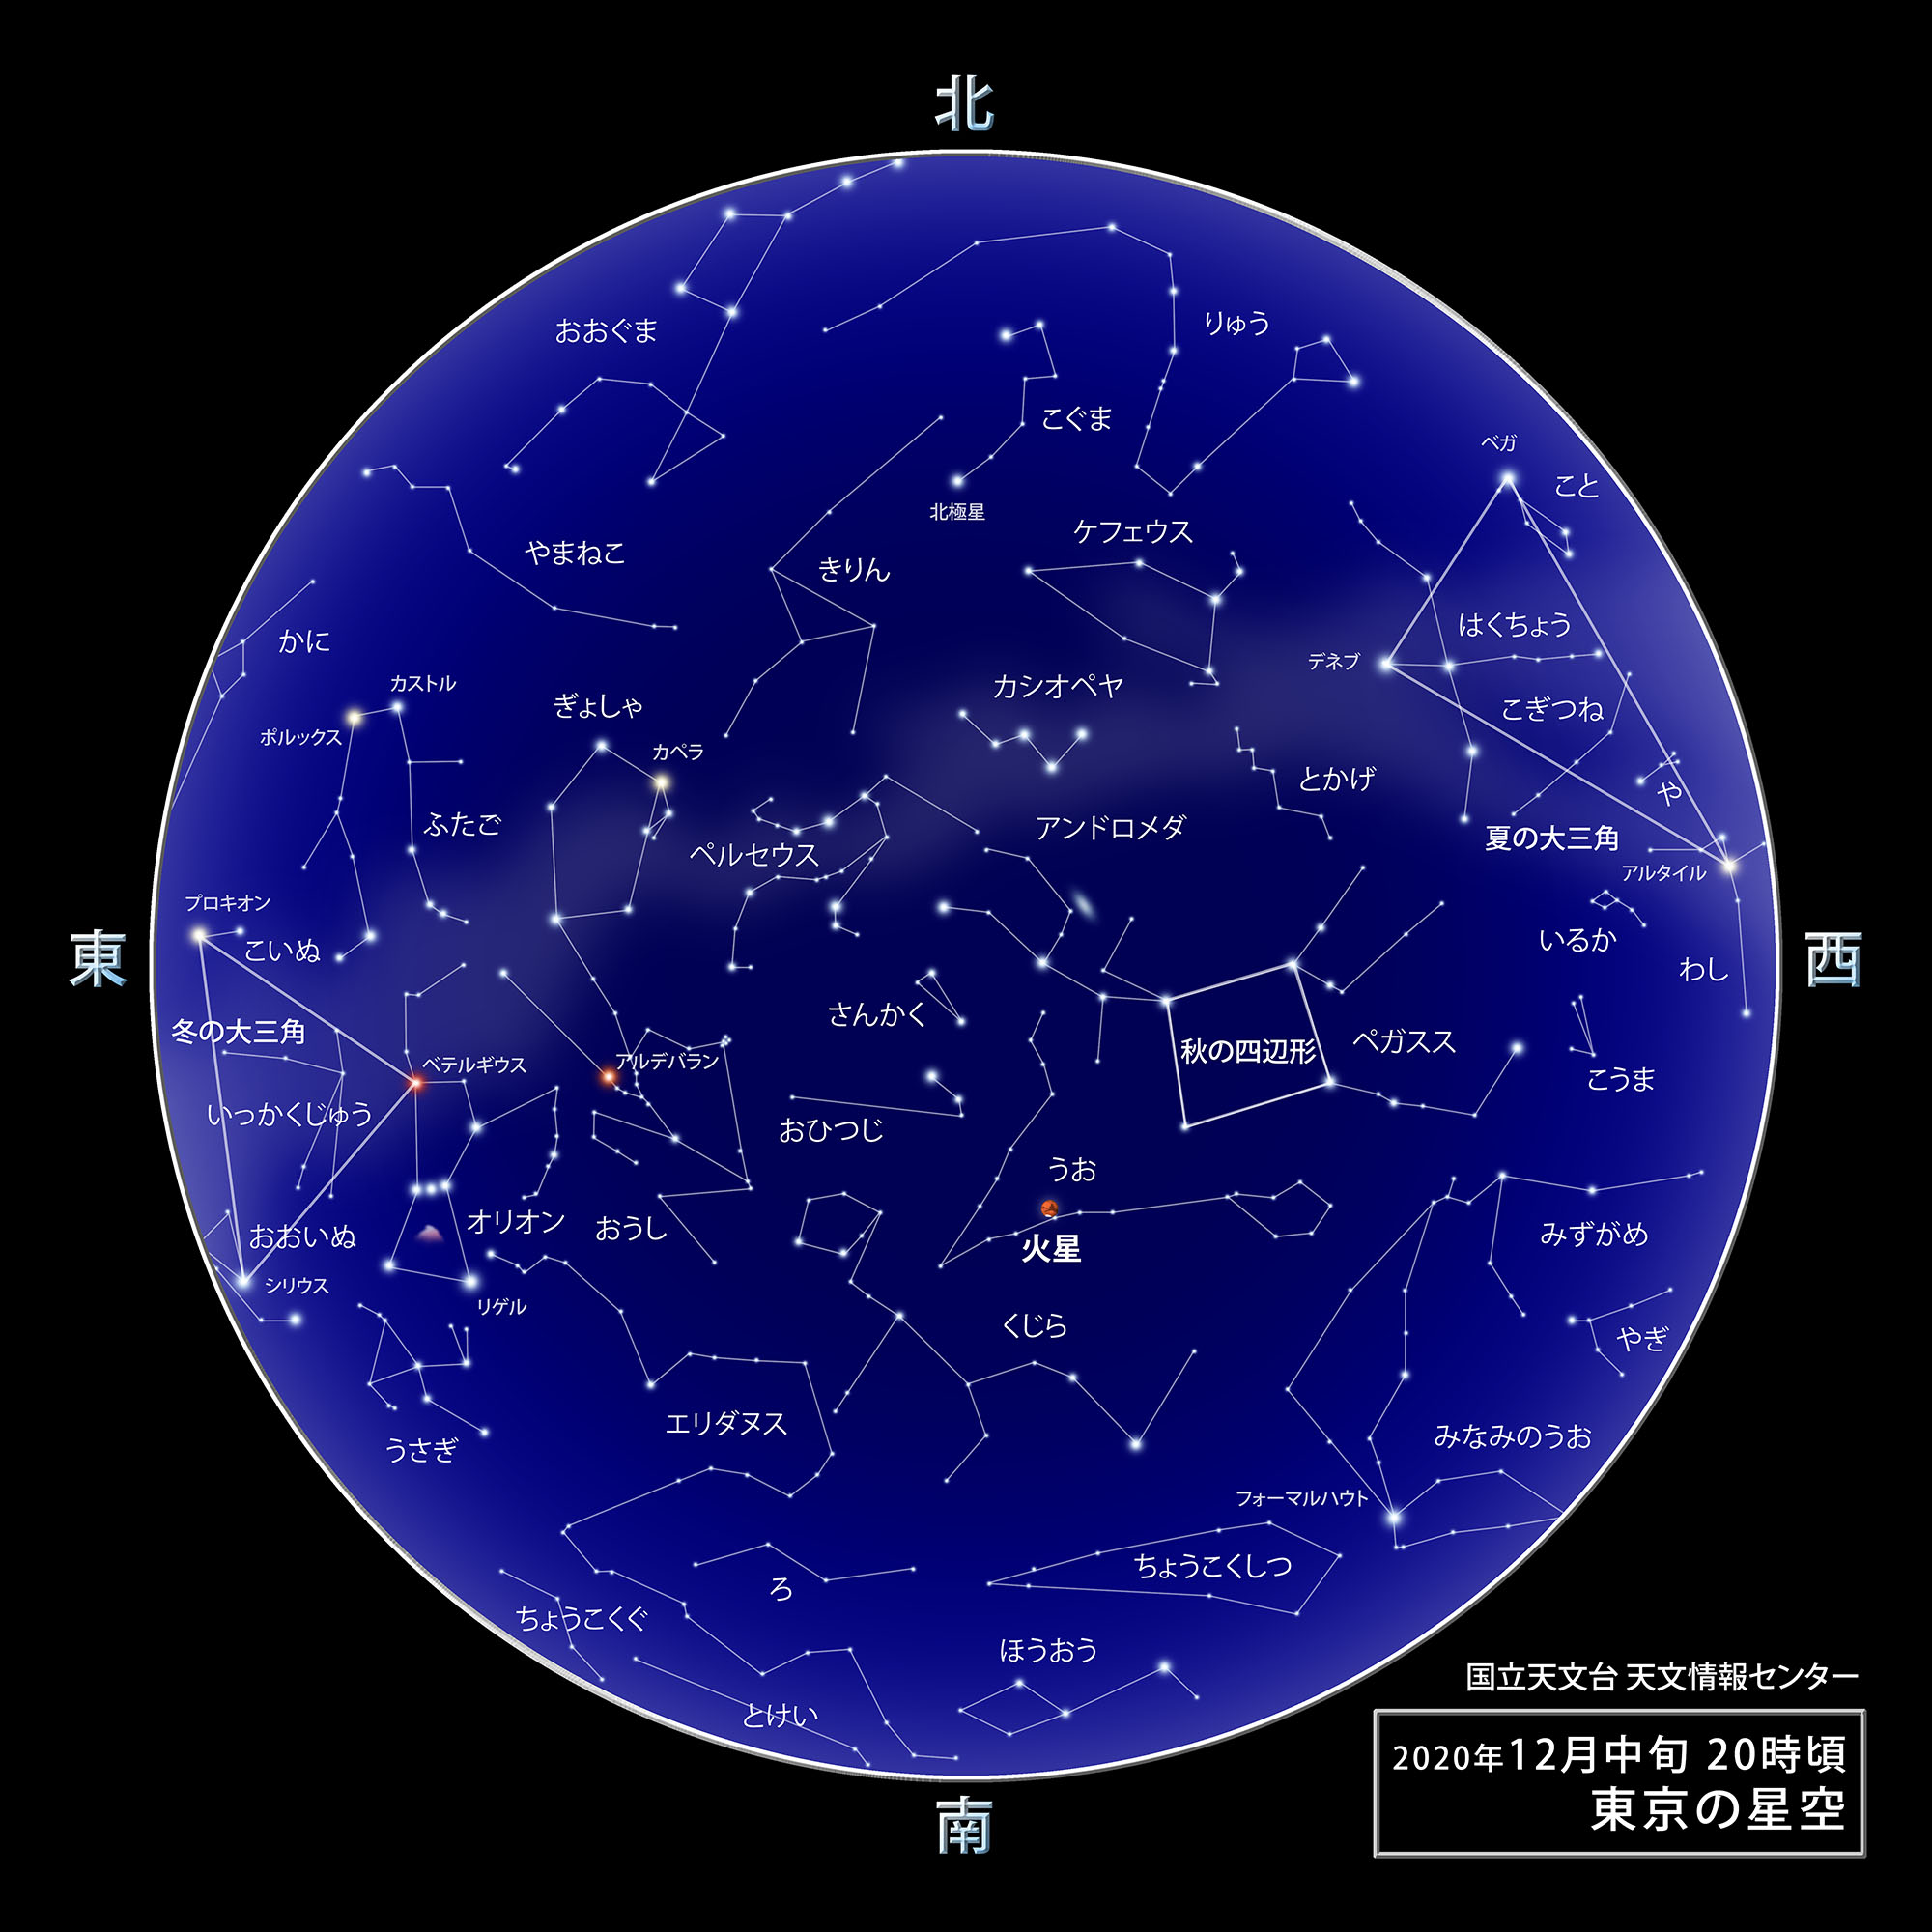 東京の星空・カレンダー・惑星(2020年12月) | 国立天文台(NAOJ)